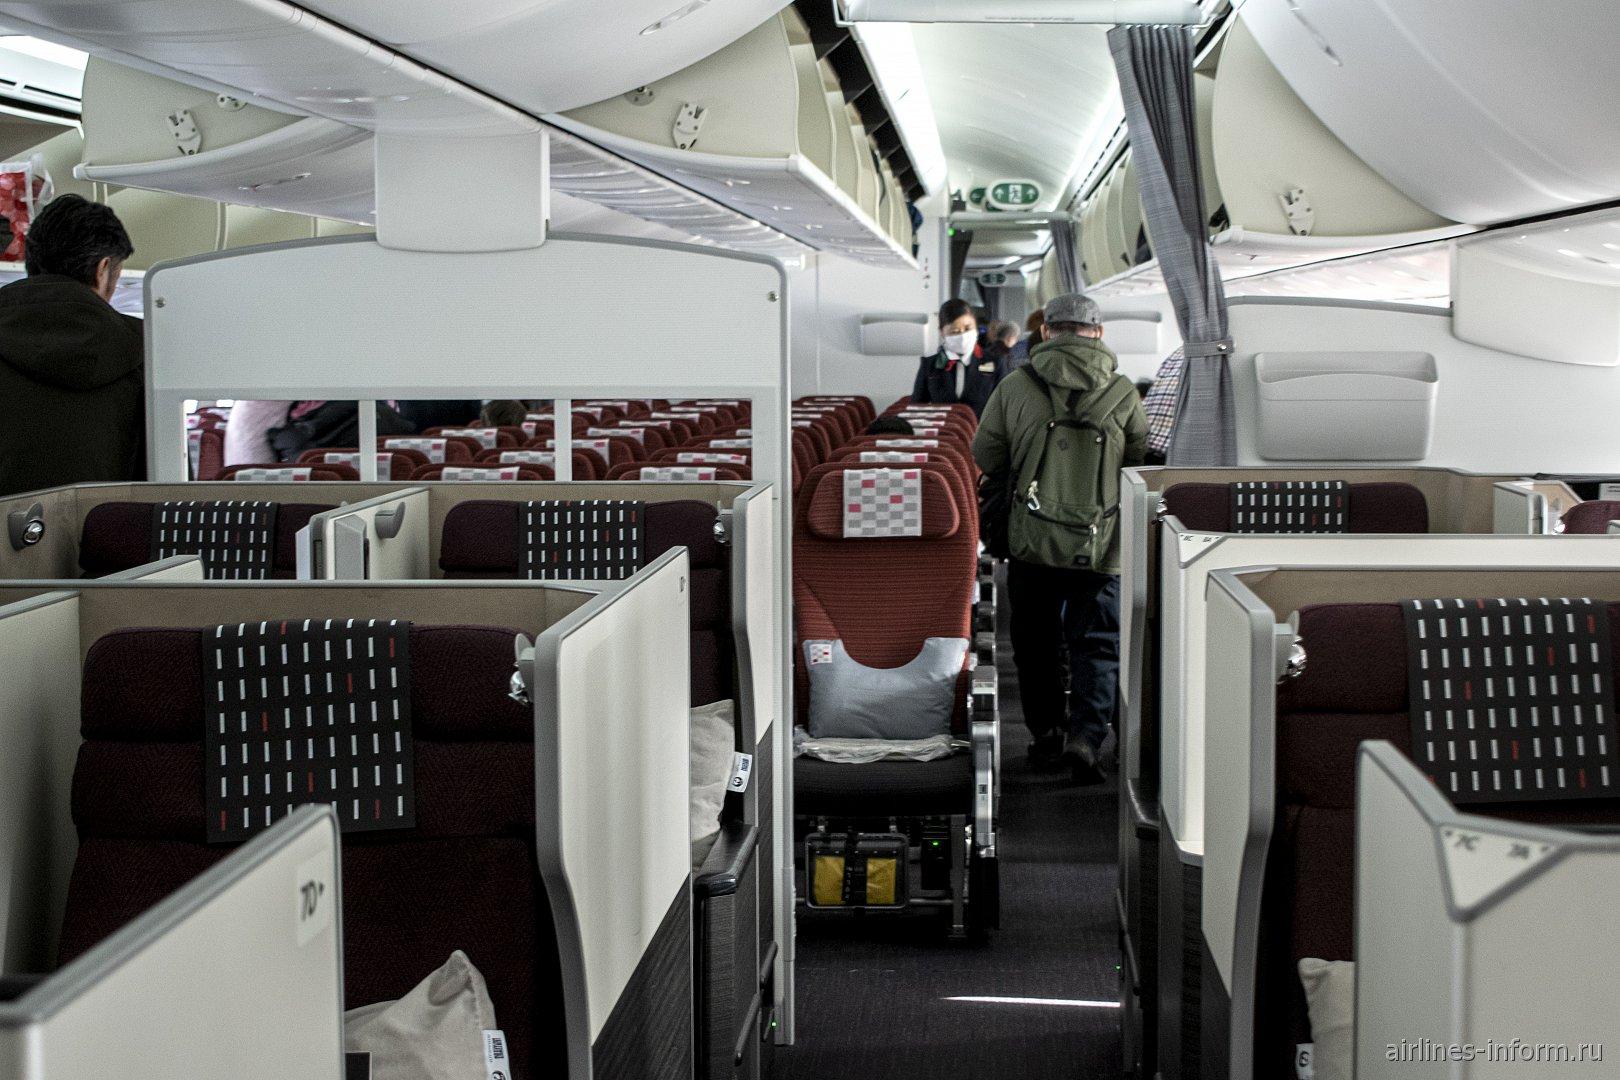 Пассажирский салон бизнес-класса в Боинге-787-8 авиакомпании JAL